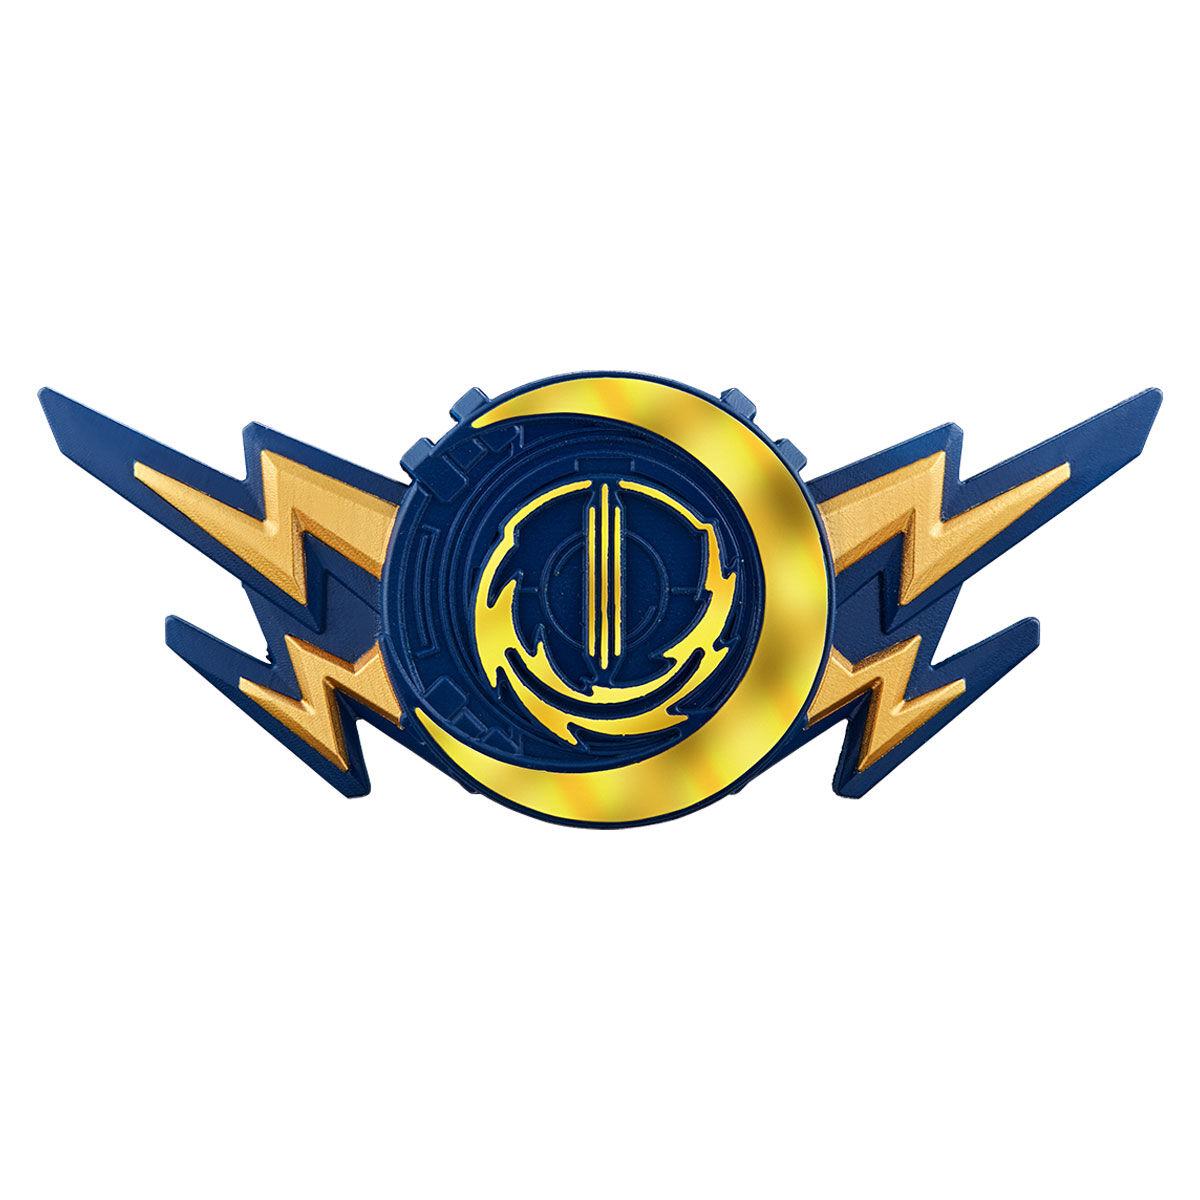 【Blu-ray】仮面ライダーセイバー 深罪の三重奏『DXアラビアーナナイト&アメイジングセイレーンセット付属版』Blu-ray-010